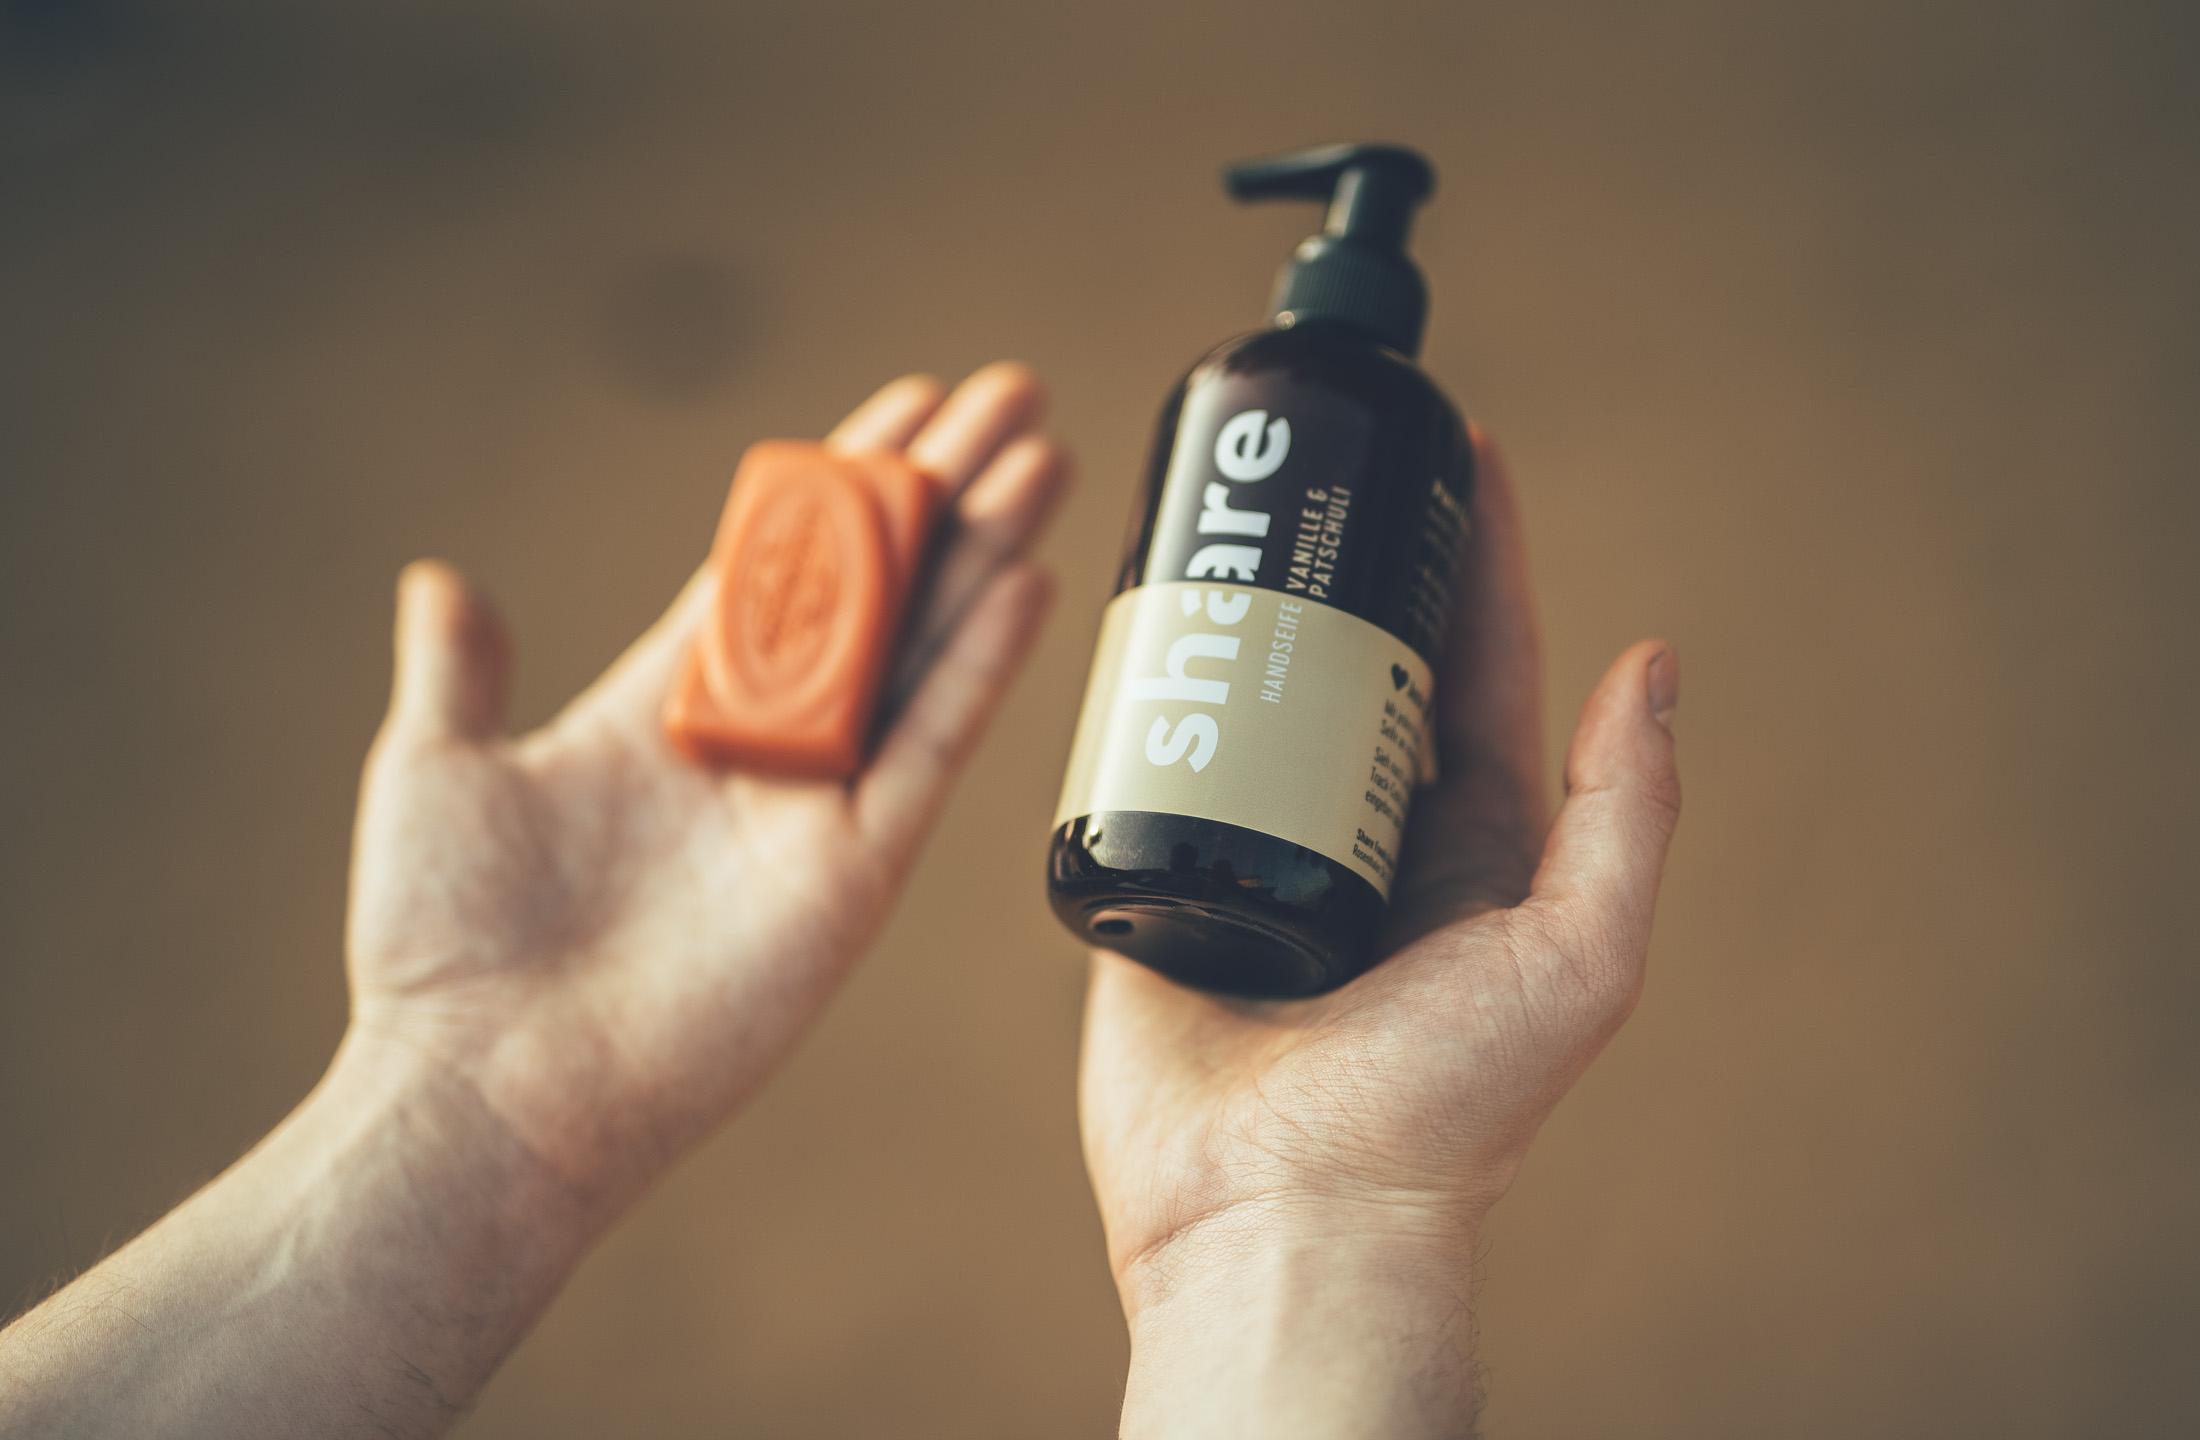 Aug um Aug: Mit jedem Kauf einer share-Seife wird Hilfsbedürftigen ein Stück Seife gespendet.